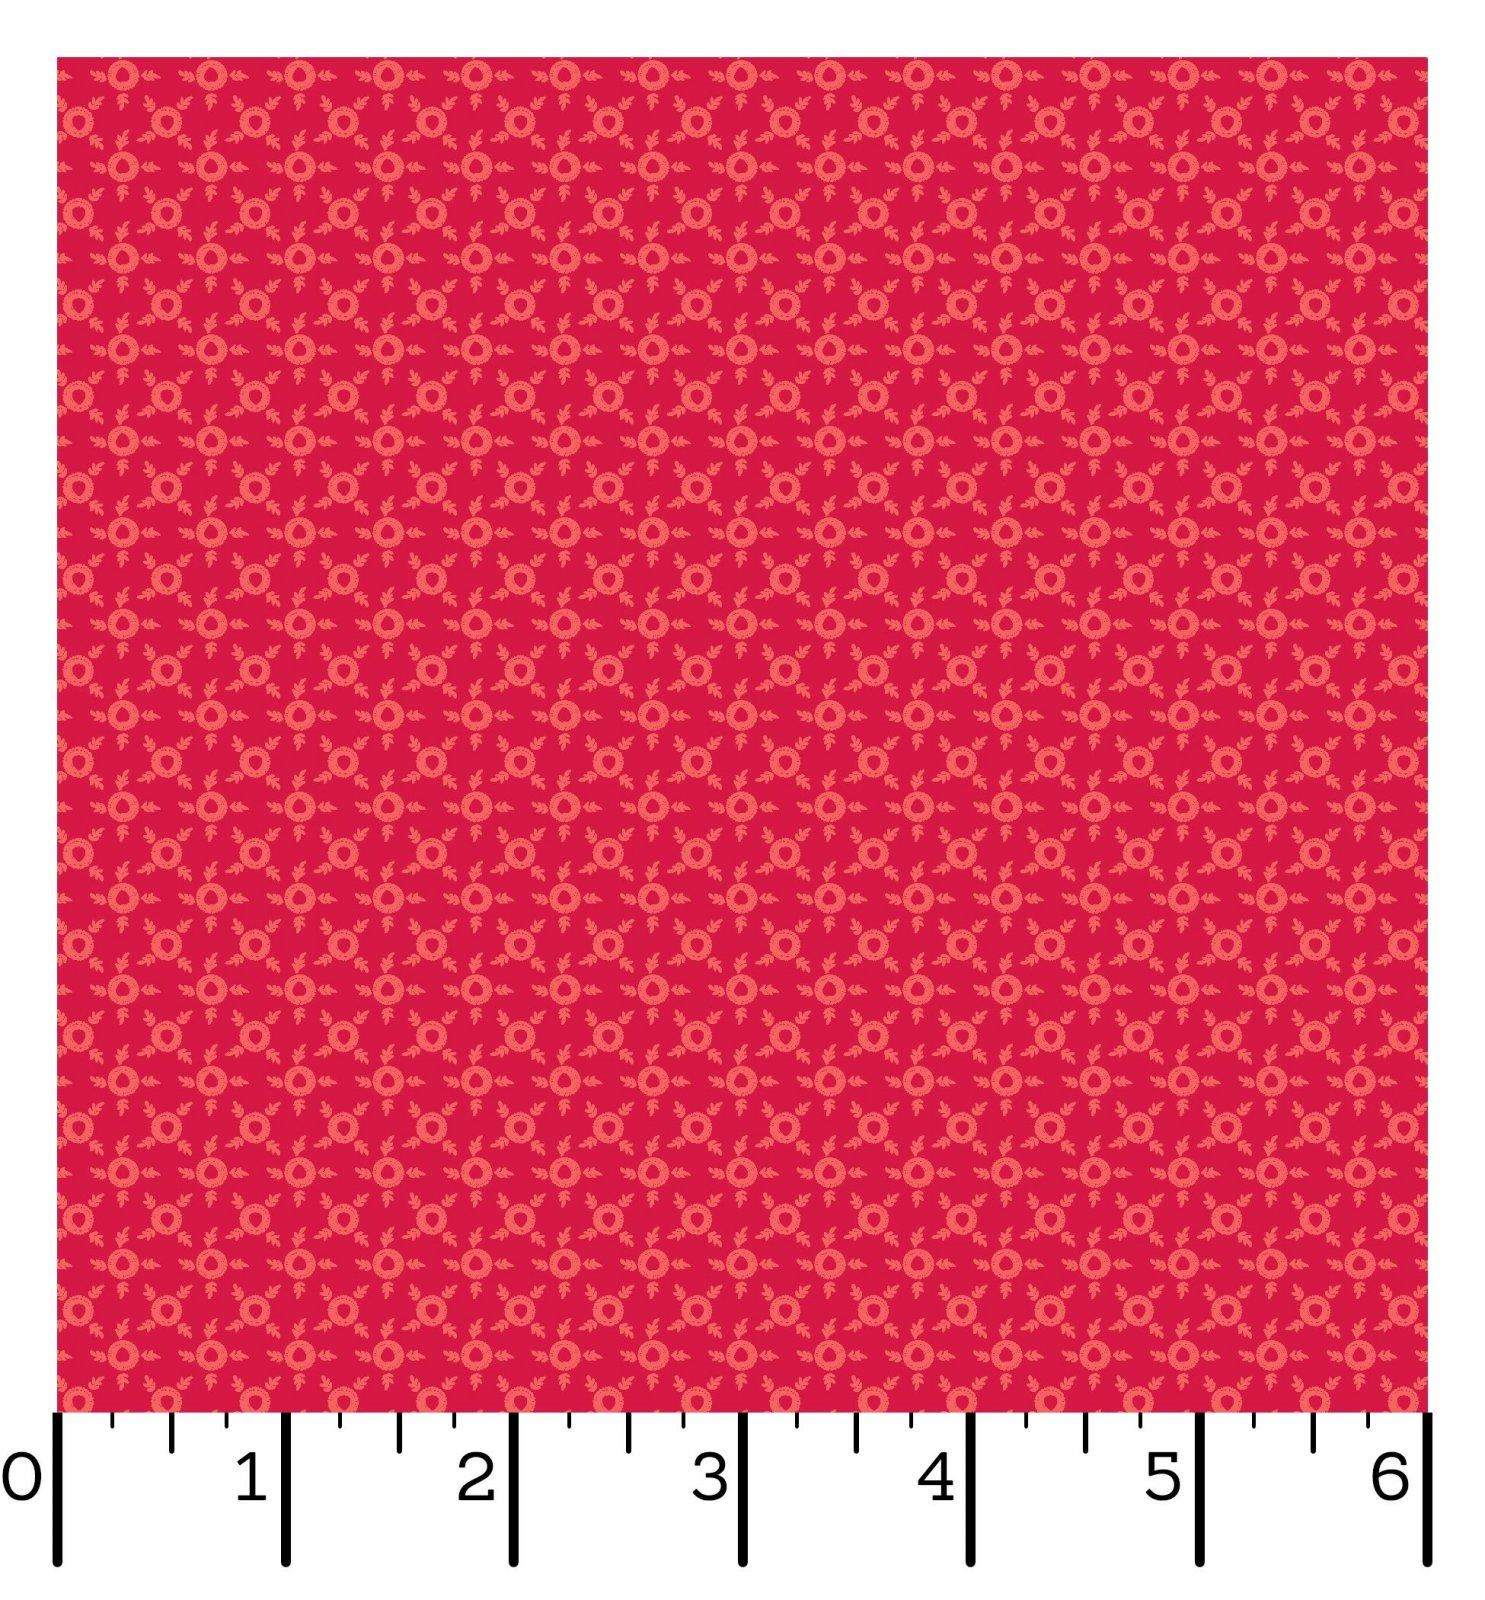 EESC-10016 R - SWEET BEGINNINGS BY JERA BRANDVIG DITSY RED - ARRIVING IN JUNE 2021